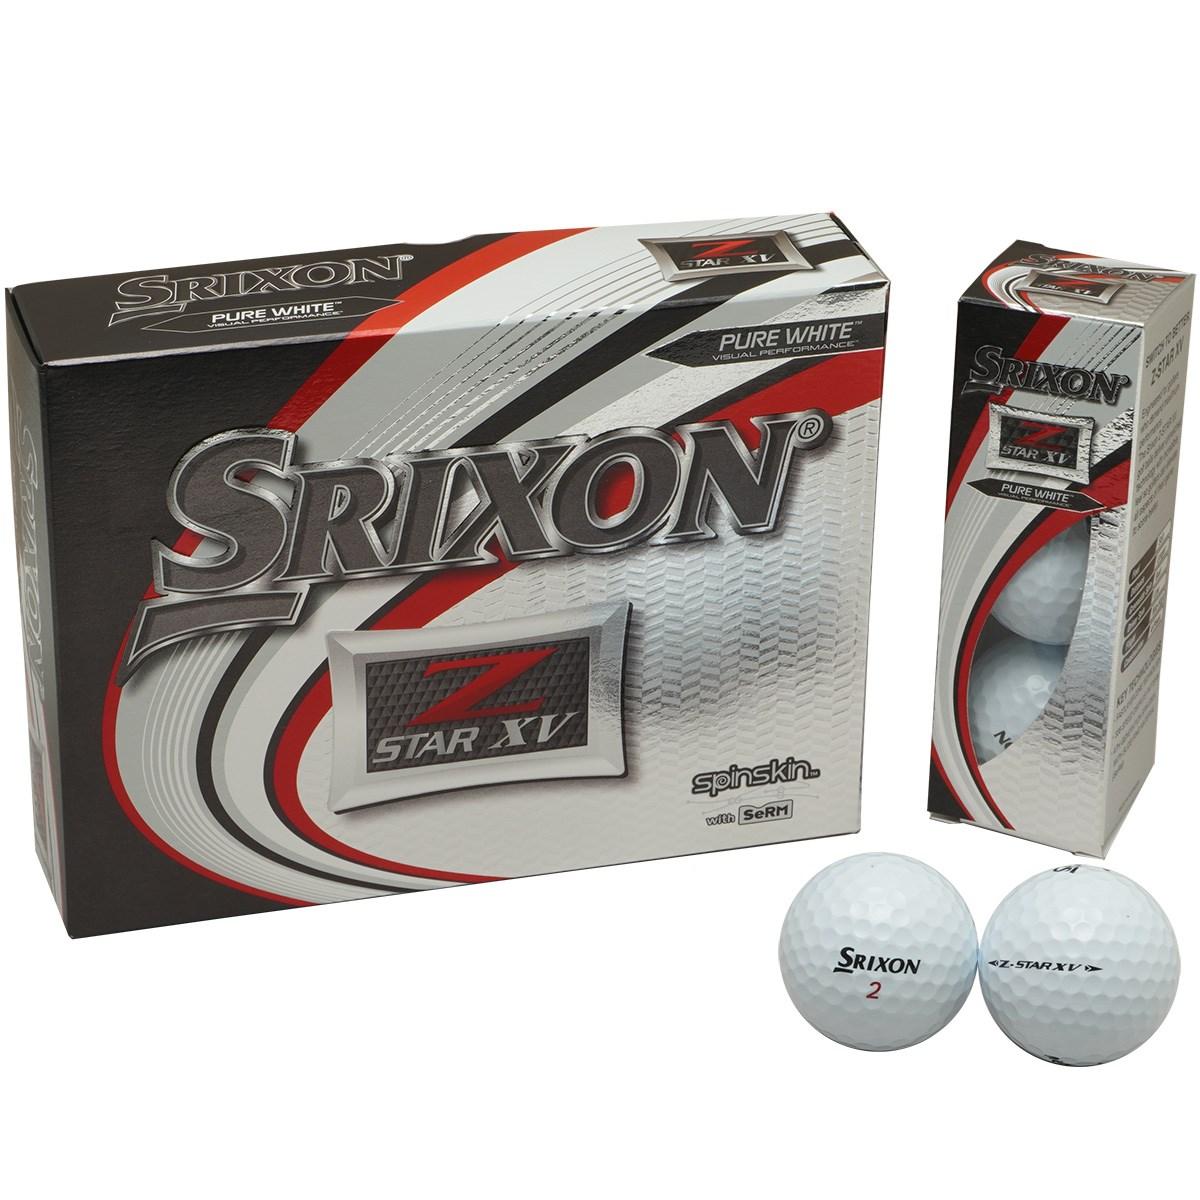 ダンロップ SRIXON Z-STAR XV6 ボール 1ダース(12個入り) ホワイト 【USモデル】